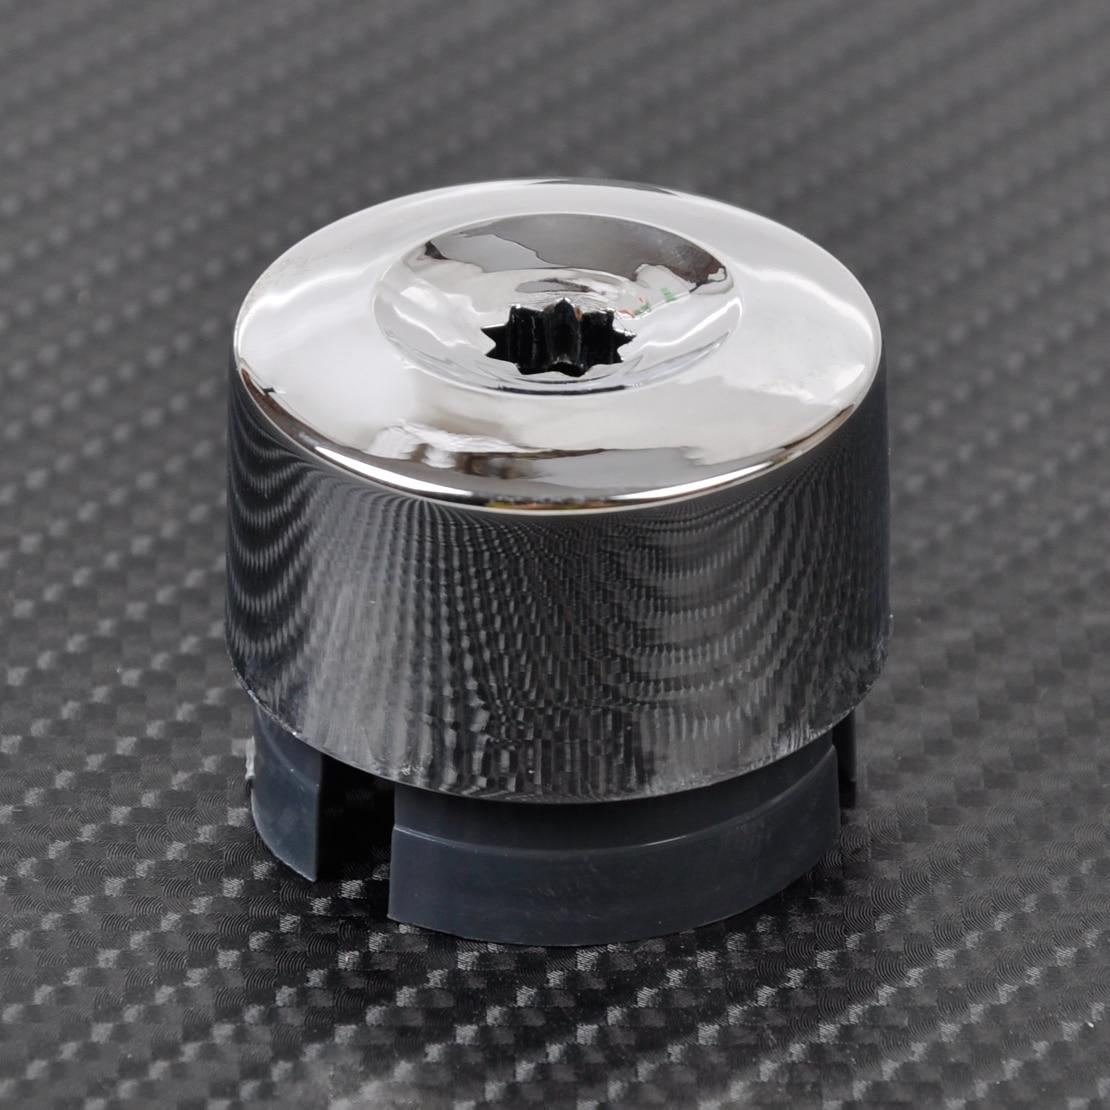 DWCX Silver Wheel Lug Bolt Nut Cap Cover 7L6601173A for VW Touareg 2004 2005 2006 2007 2008 2009 2010 2011 2012 2013 2014